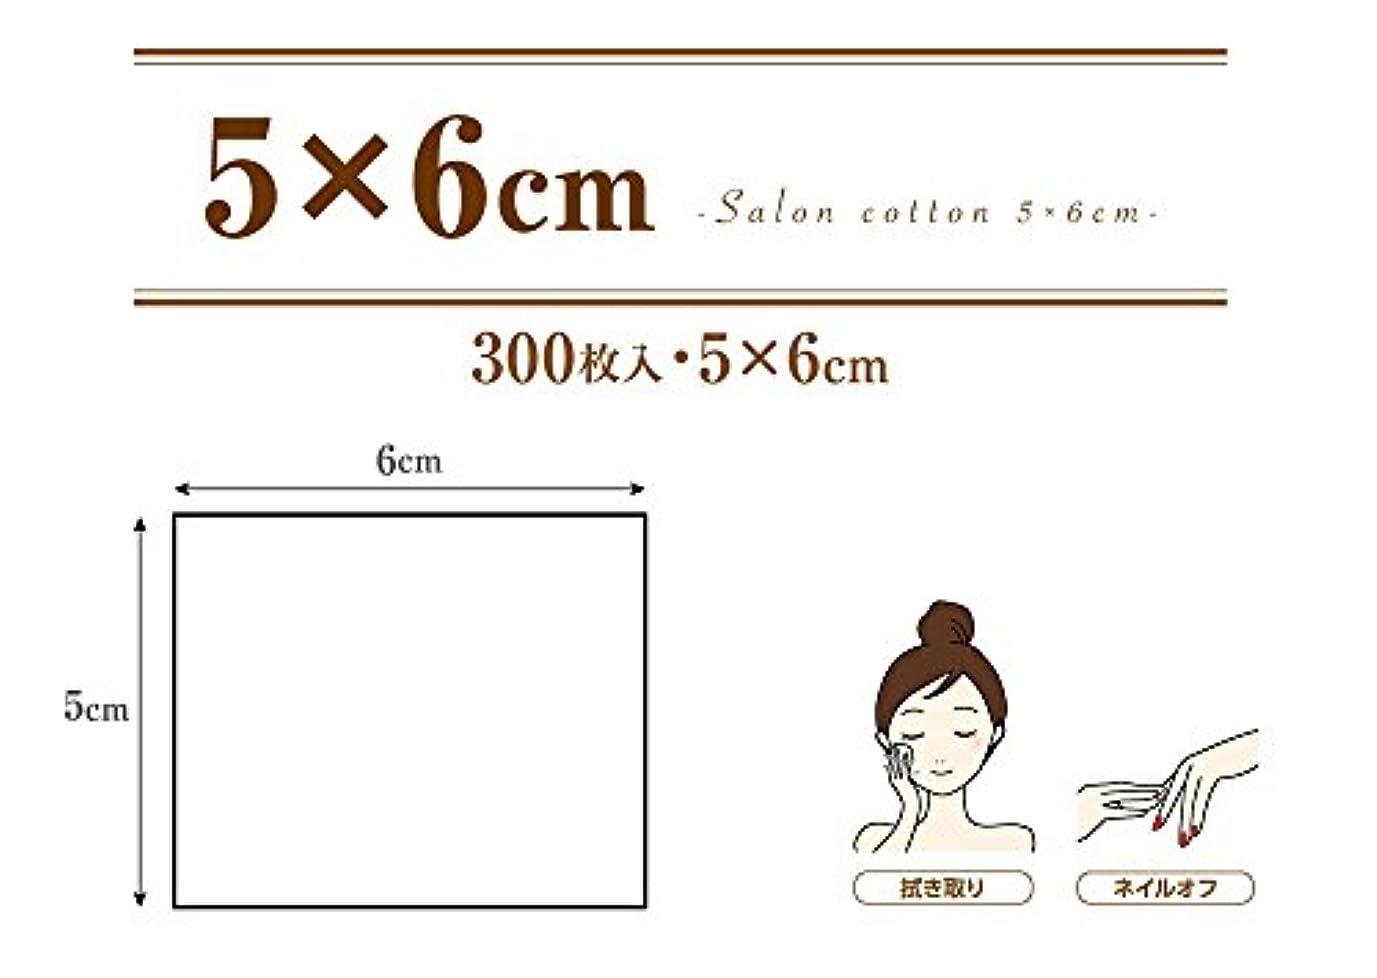 キルトきょうだい登場業務用 コットンパフ (5×6cm 300枚入 箱入り) サロンコットン 5×6